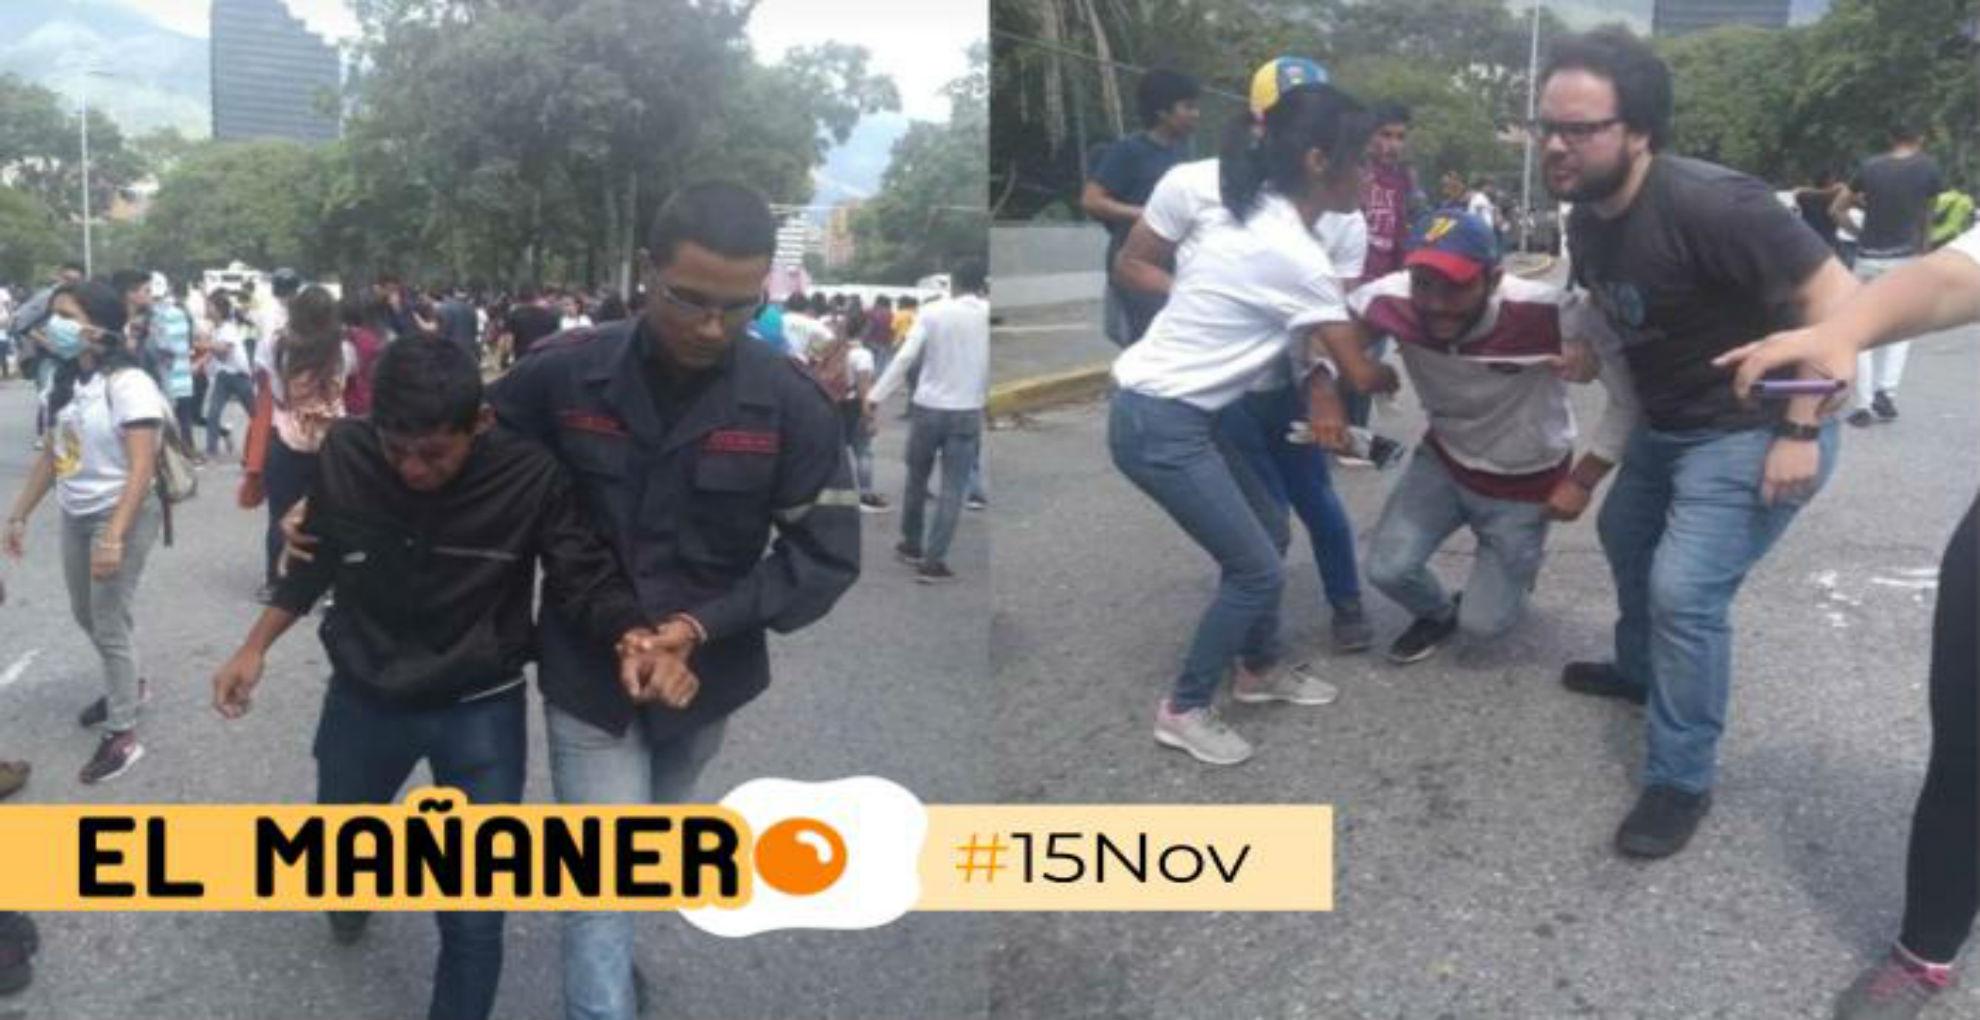 El Mañanero de hoy #15Nov: Las 8 noticias que debes saber